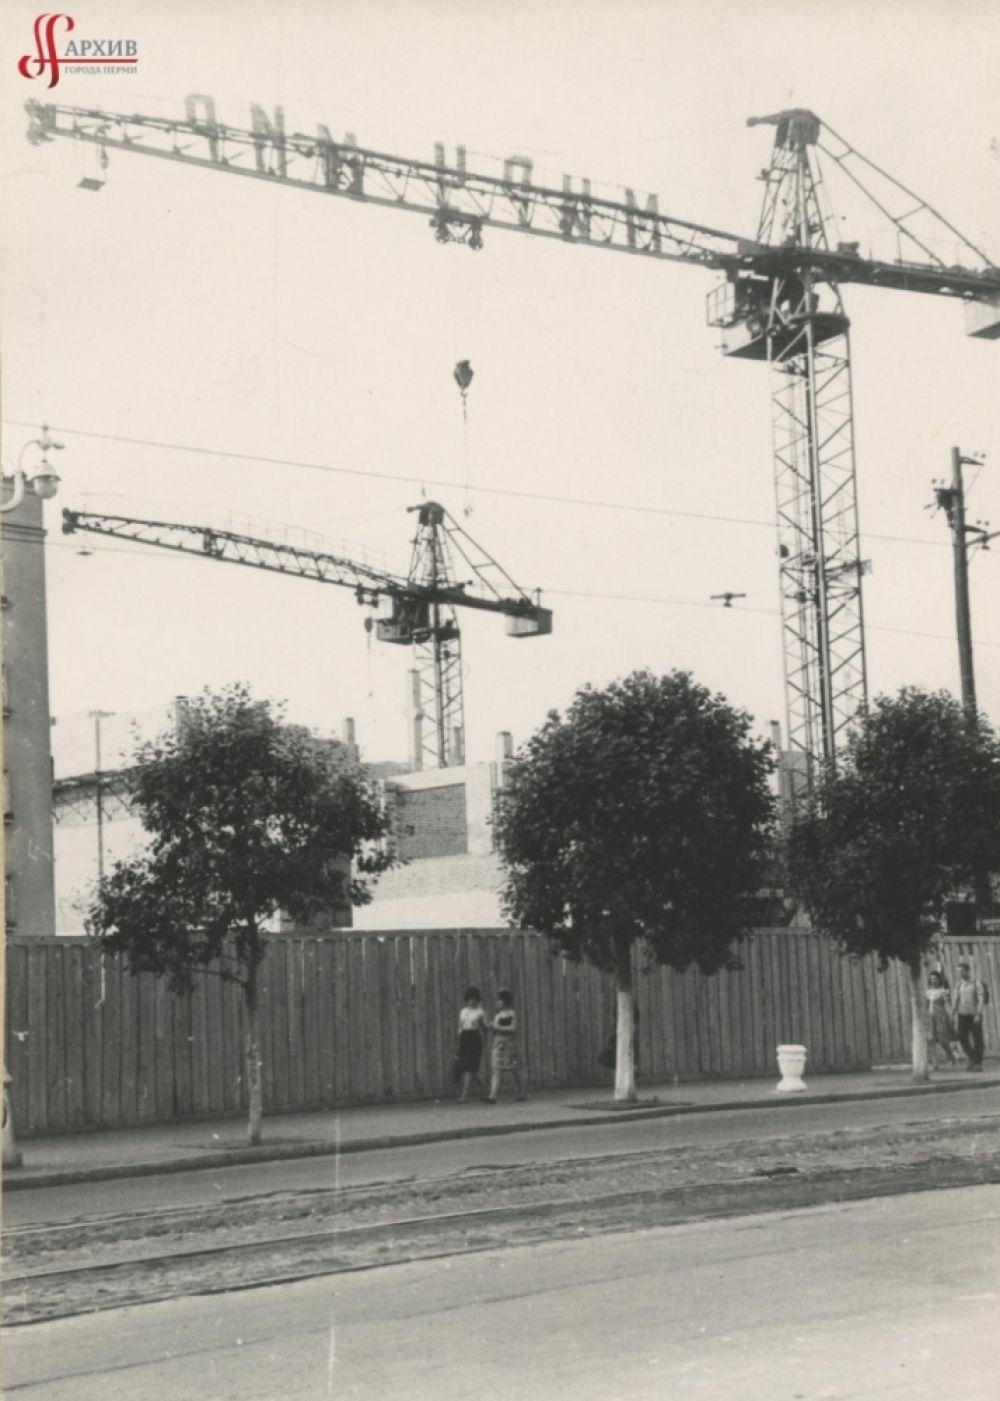 Строительство здания Центрального универмага, 22 июня 1963 г.